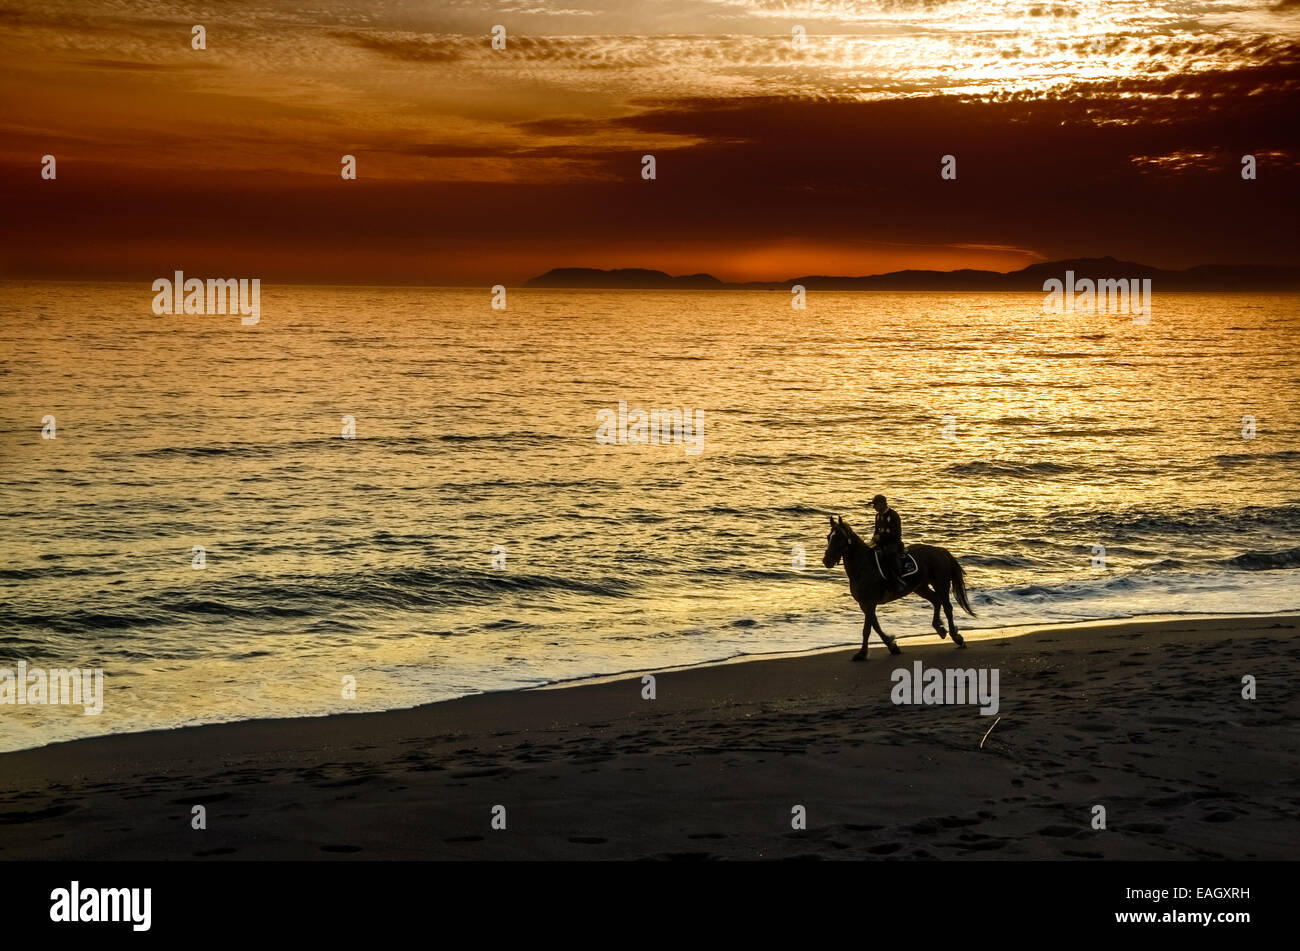 El jinete en la playa durante la puesta de sol en Grecia Imagen De Stock